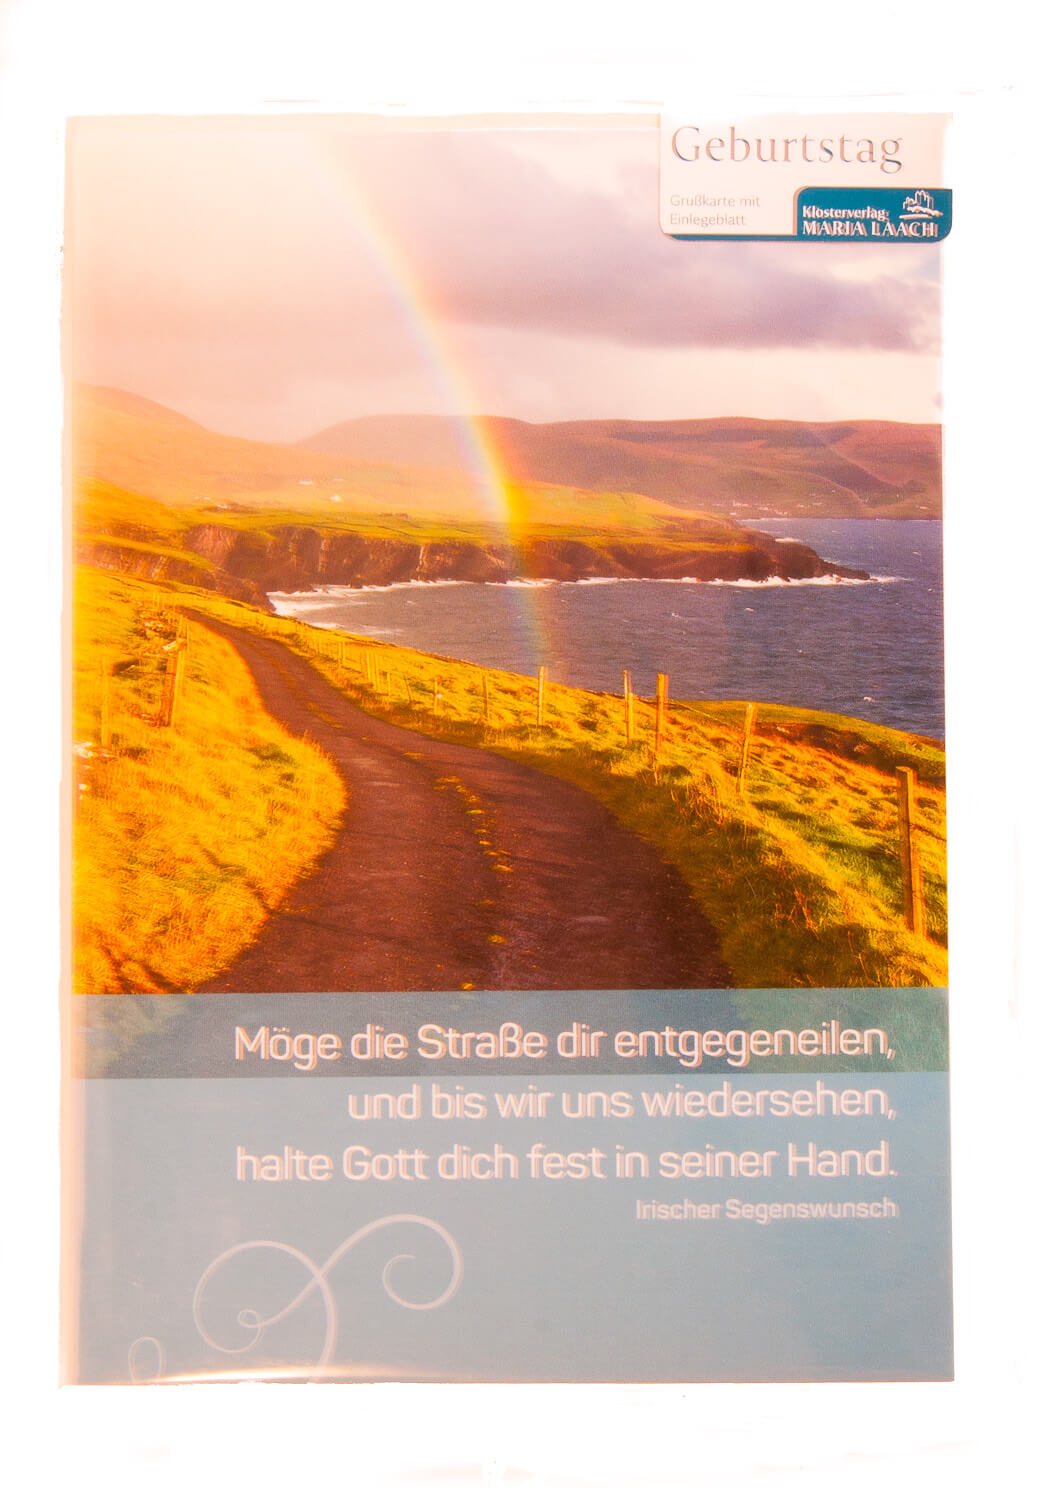 Karte Zum Geburtstag Halte Gott Dich Fest In Seiner Hand